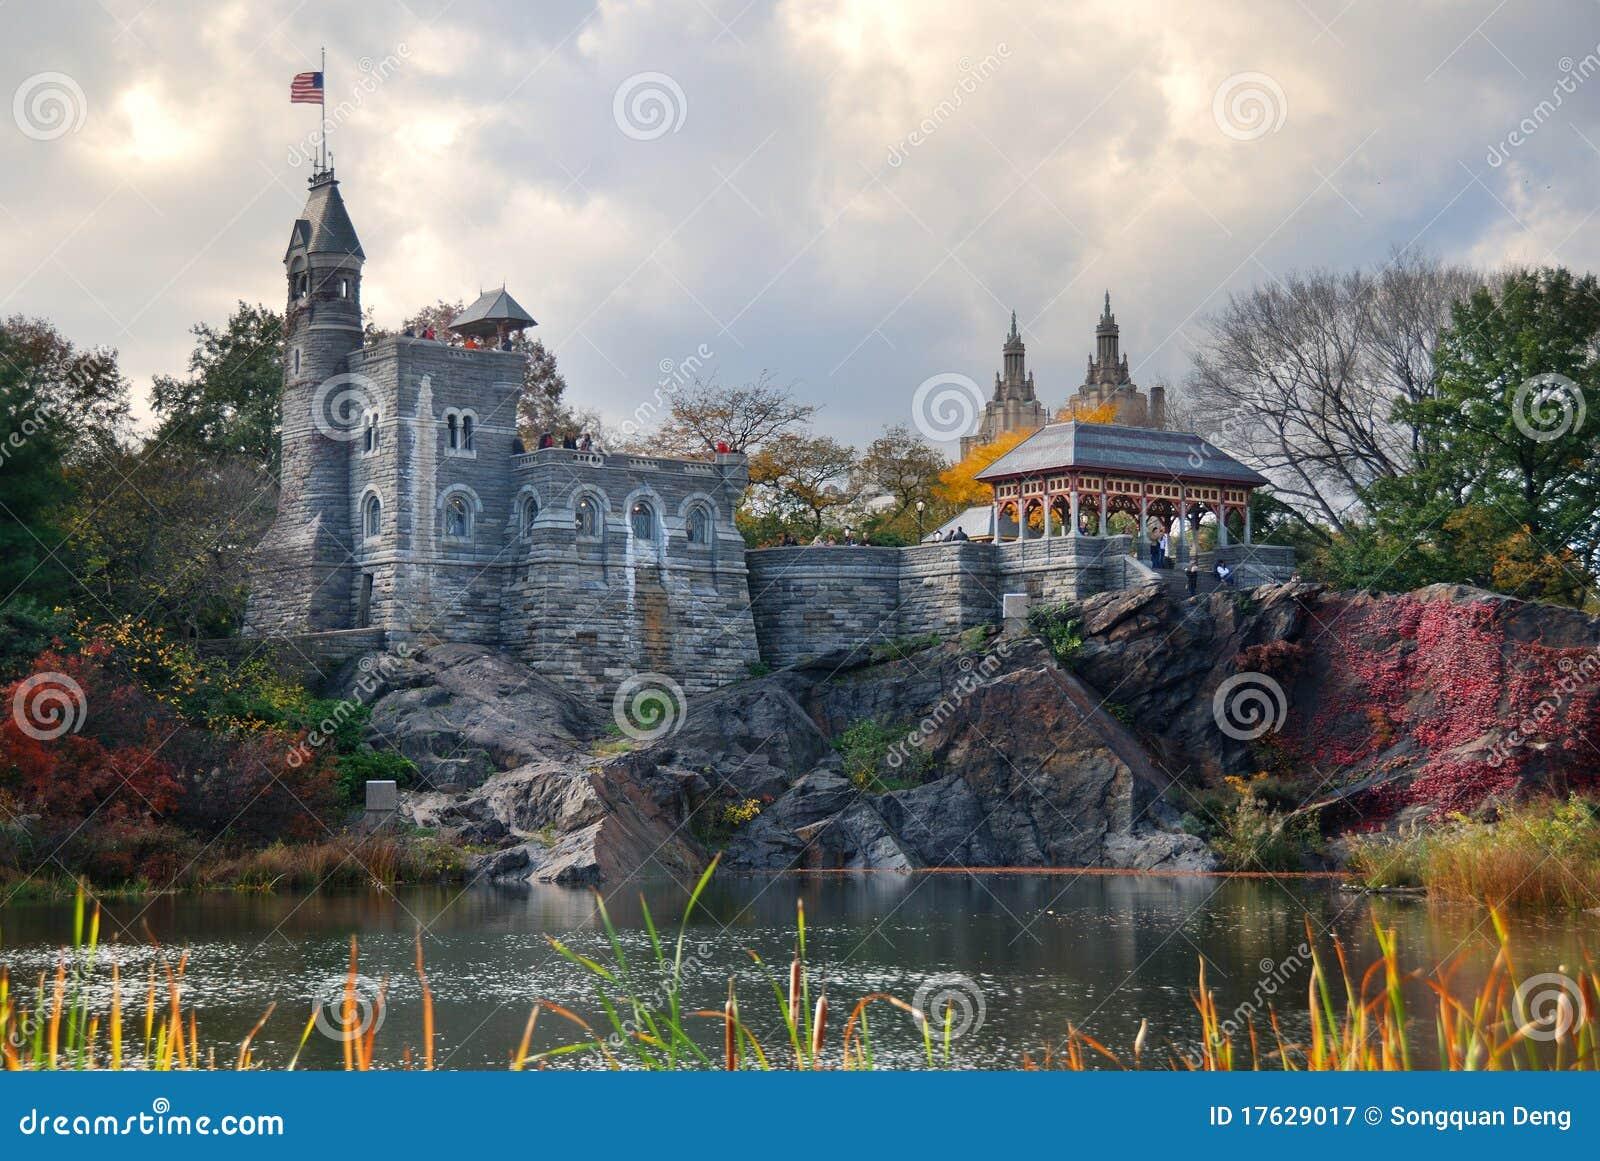 Château de belvédère de New York City Central Park